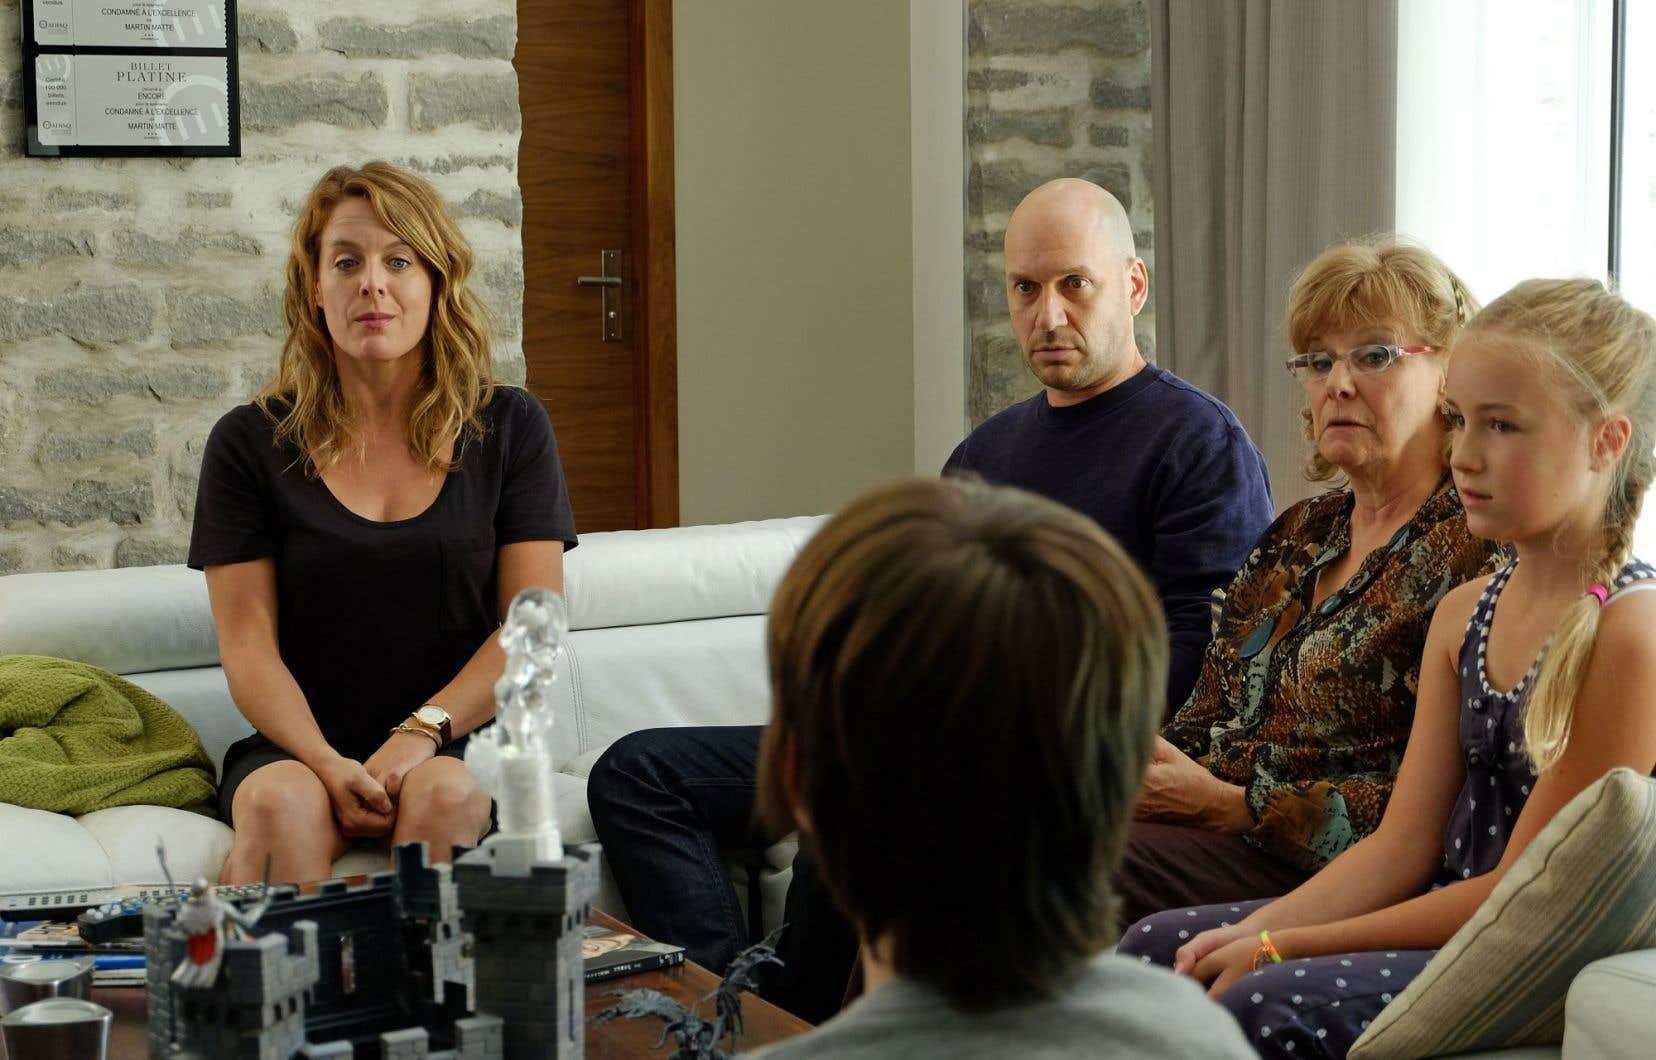 Martin Matte, concepteur et personnage pivot de la série, s'est impliqué dans la campagne publicitaire qui met en scène sa mère fictive, jouée par Michèle Deslauriers.